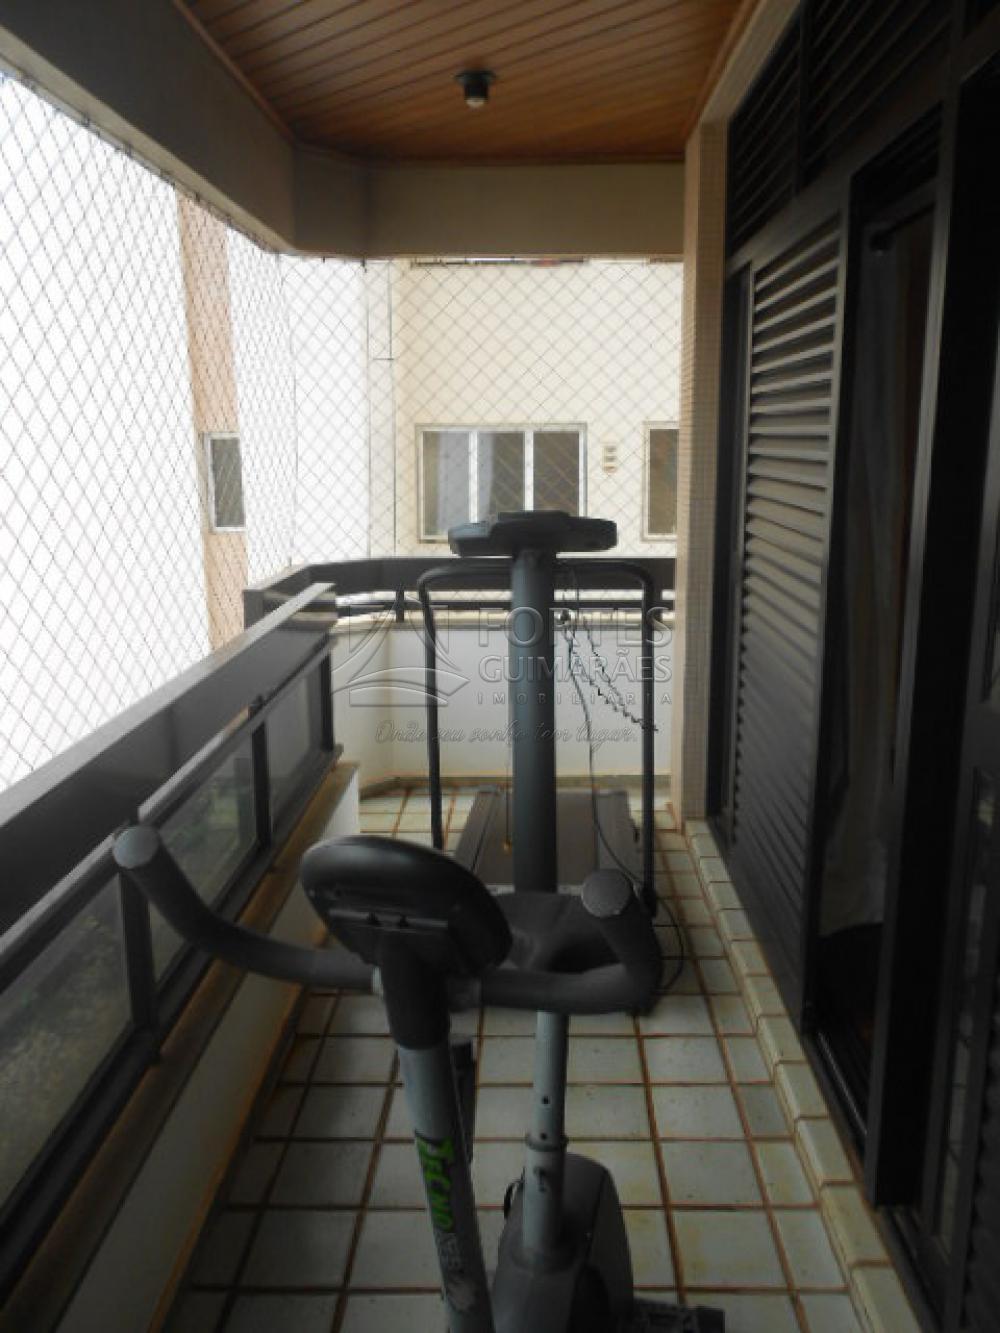 Alugar Apartamentos / Padrão em Ribeirão Preto apenas R$ 3.800,00 - Foto 31